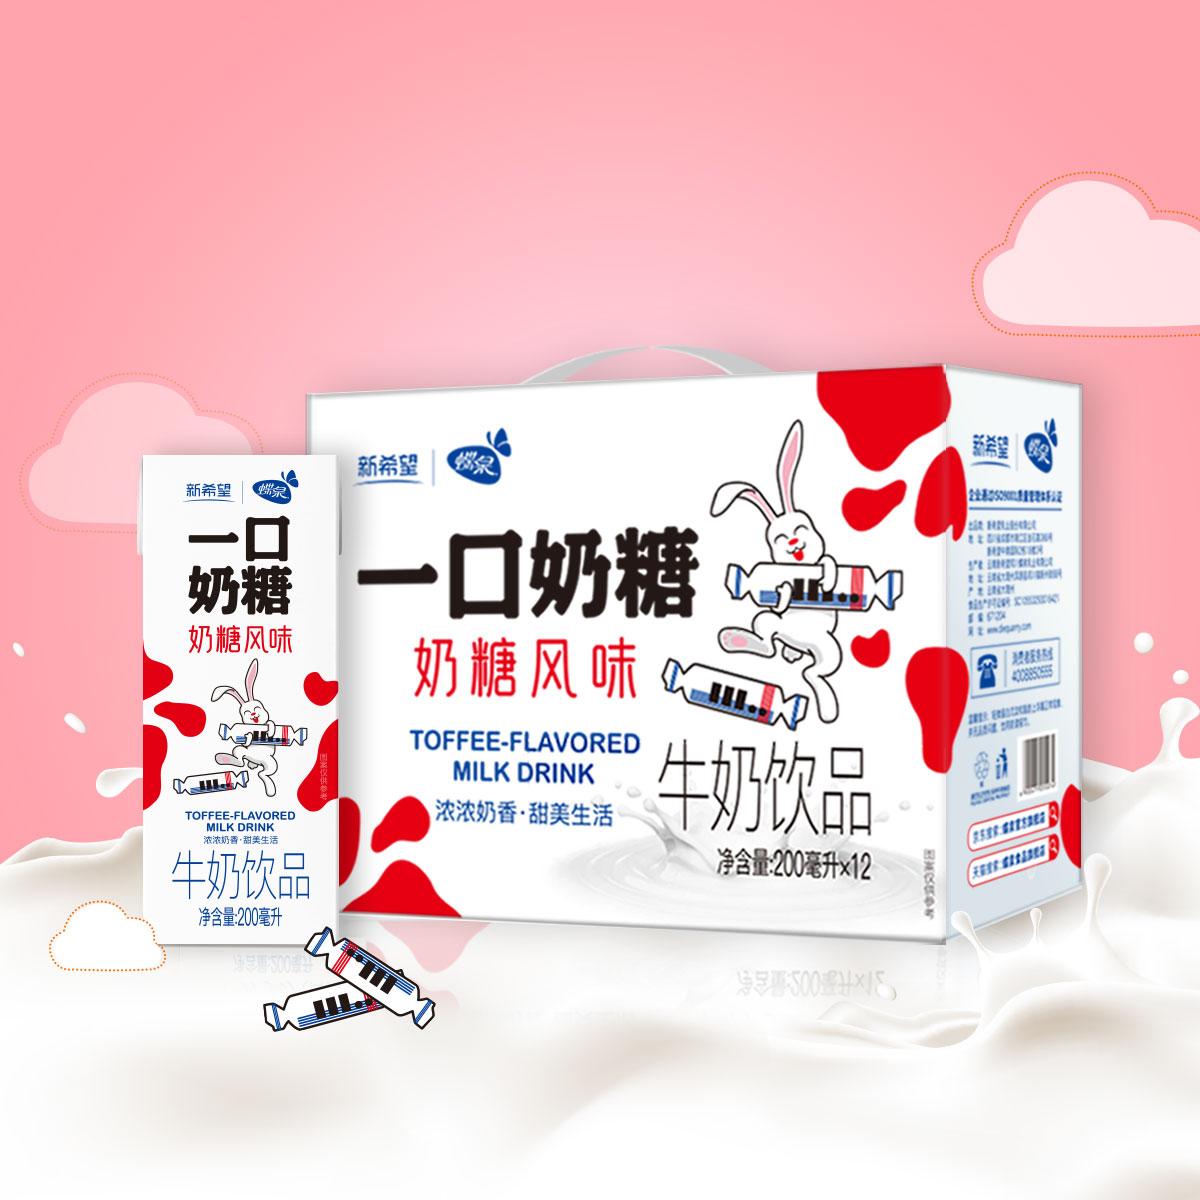 新希望(蝶泉)一口奶糖牛奶饮品200ml*12礼盒装奶糖风味牛奶饮料